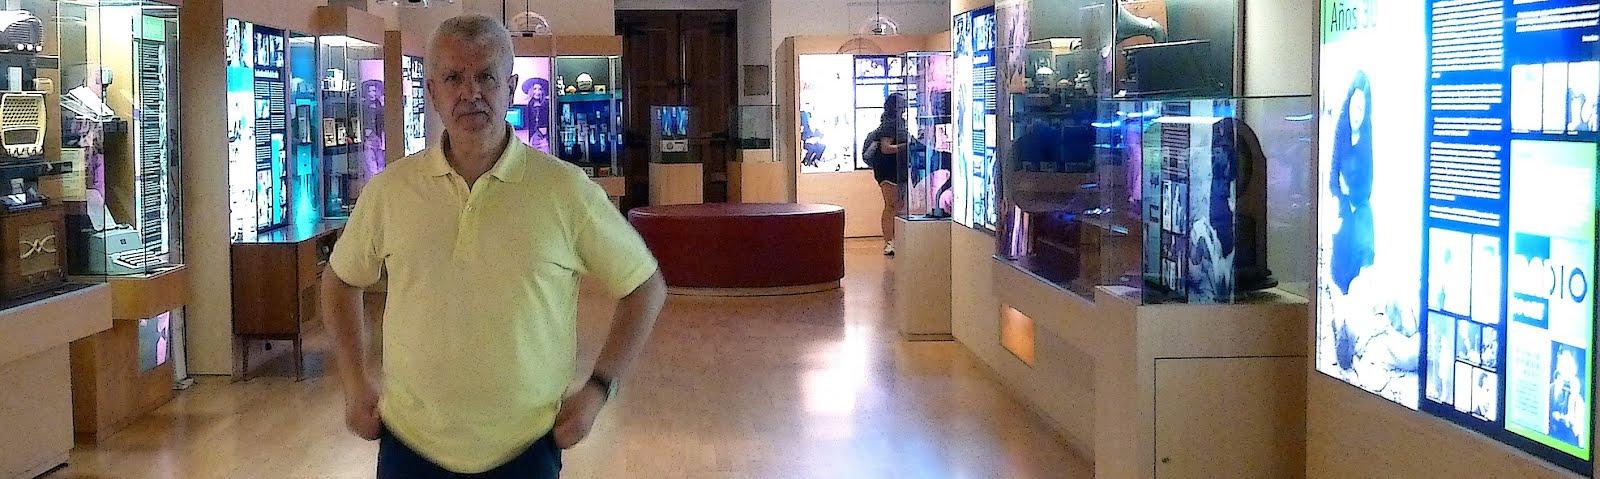 MI VIDEO DEL MUSEO DE LA RADIO 'DEL OLMO'